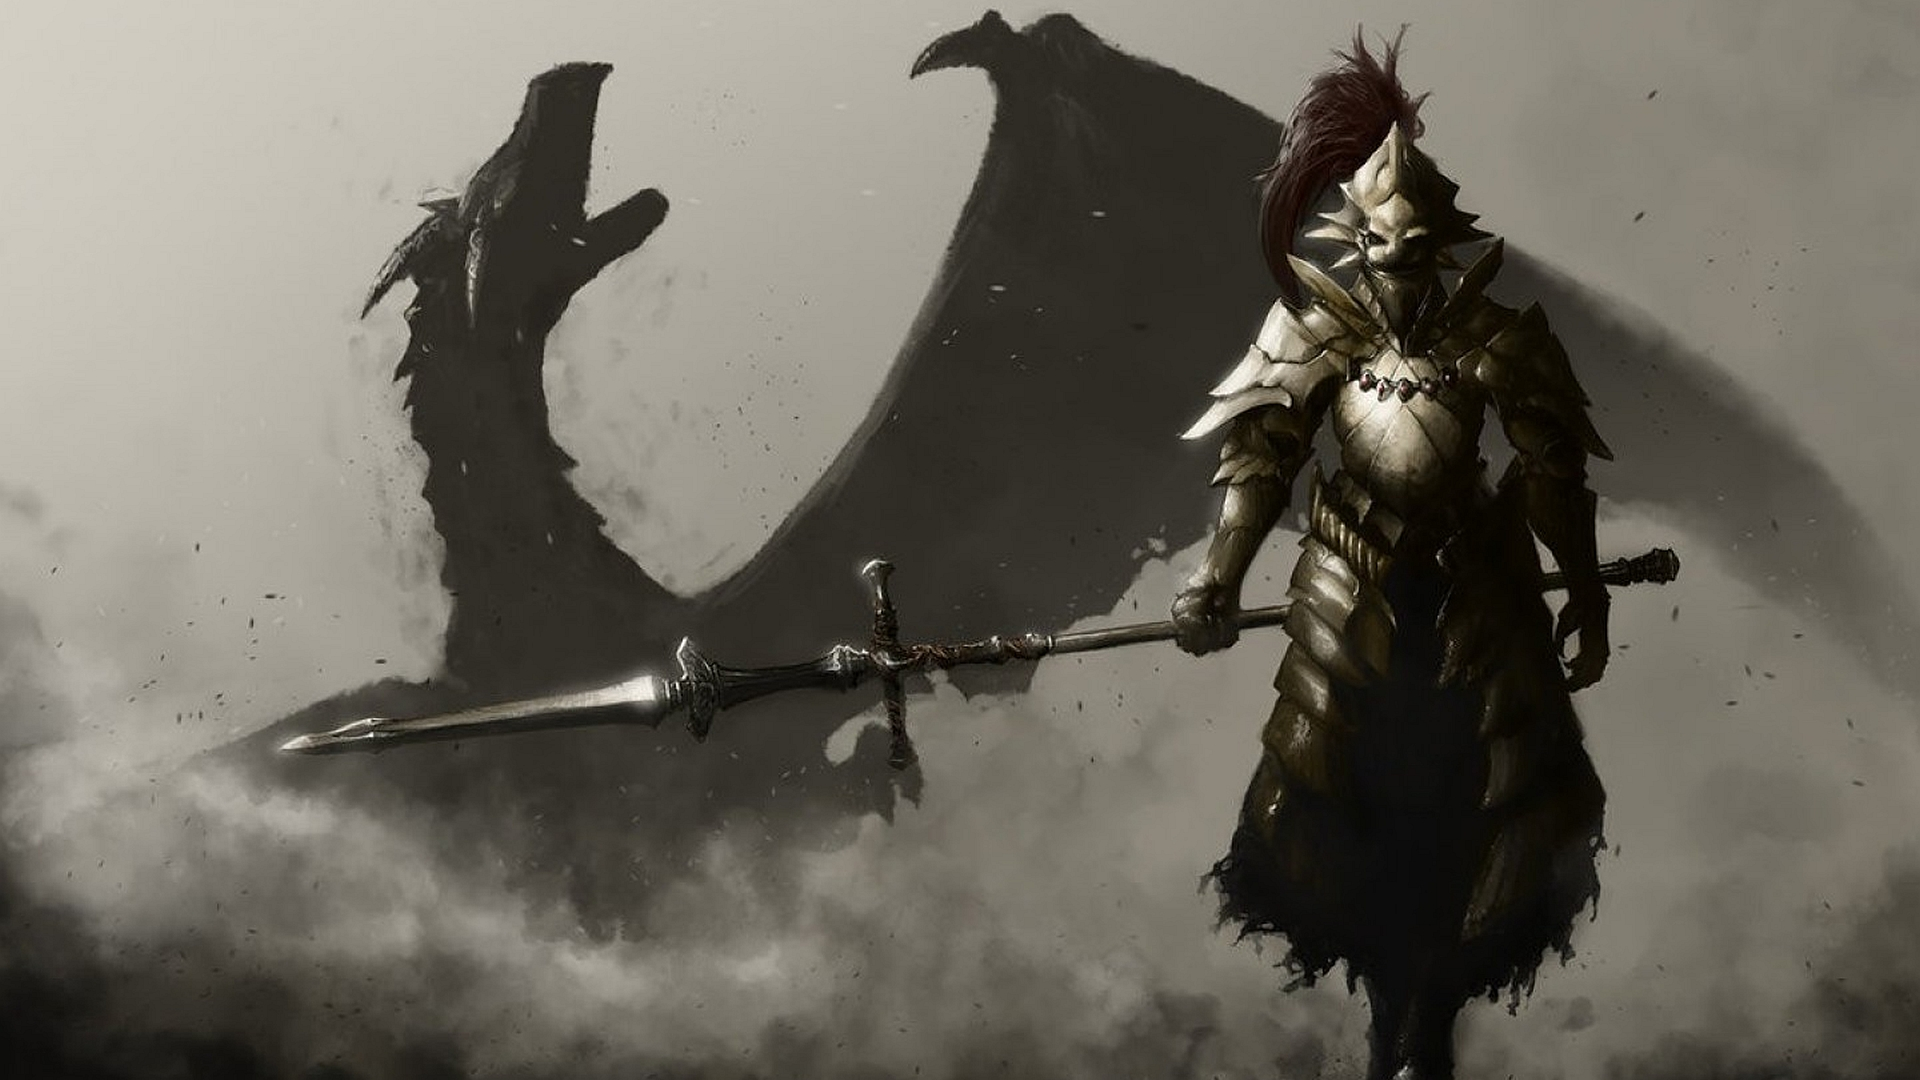 Dark Souls II Computer Wallpapers Desktop Backgrounds 1920x1080 1920x1080